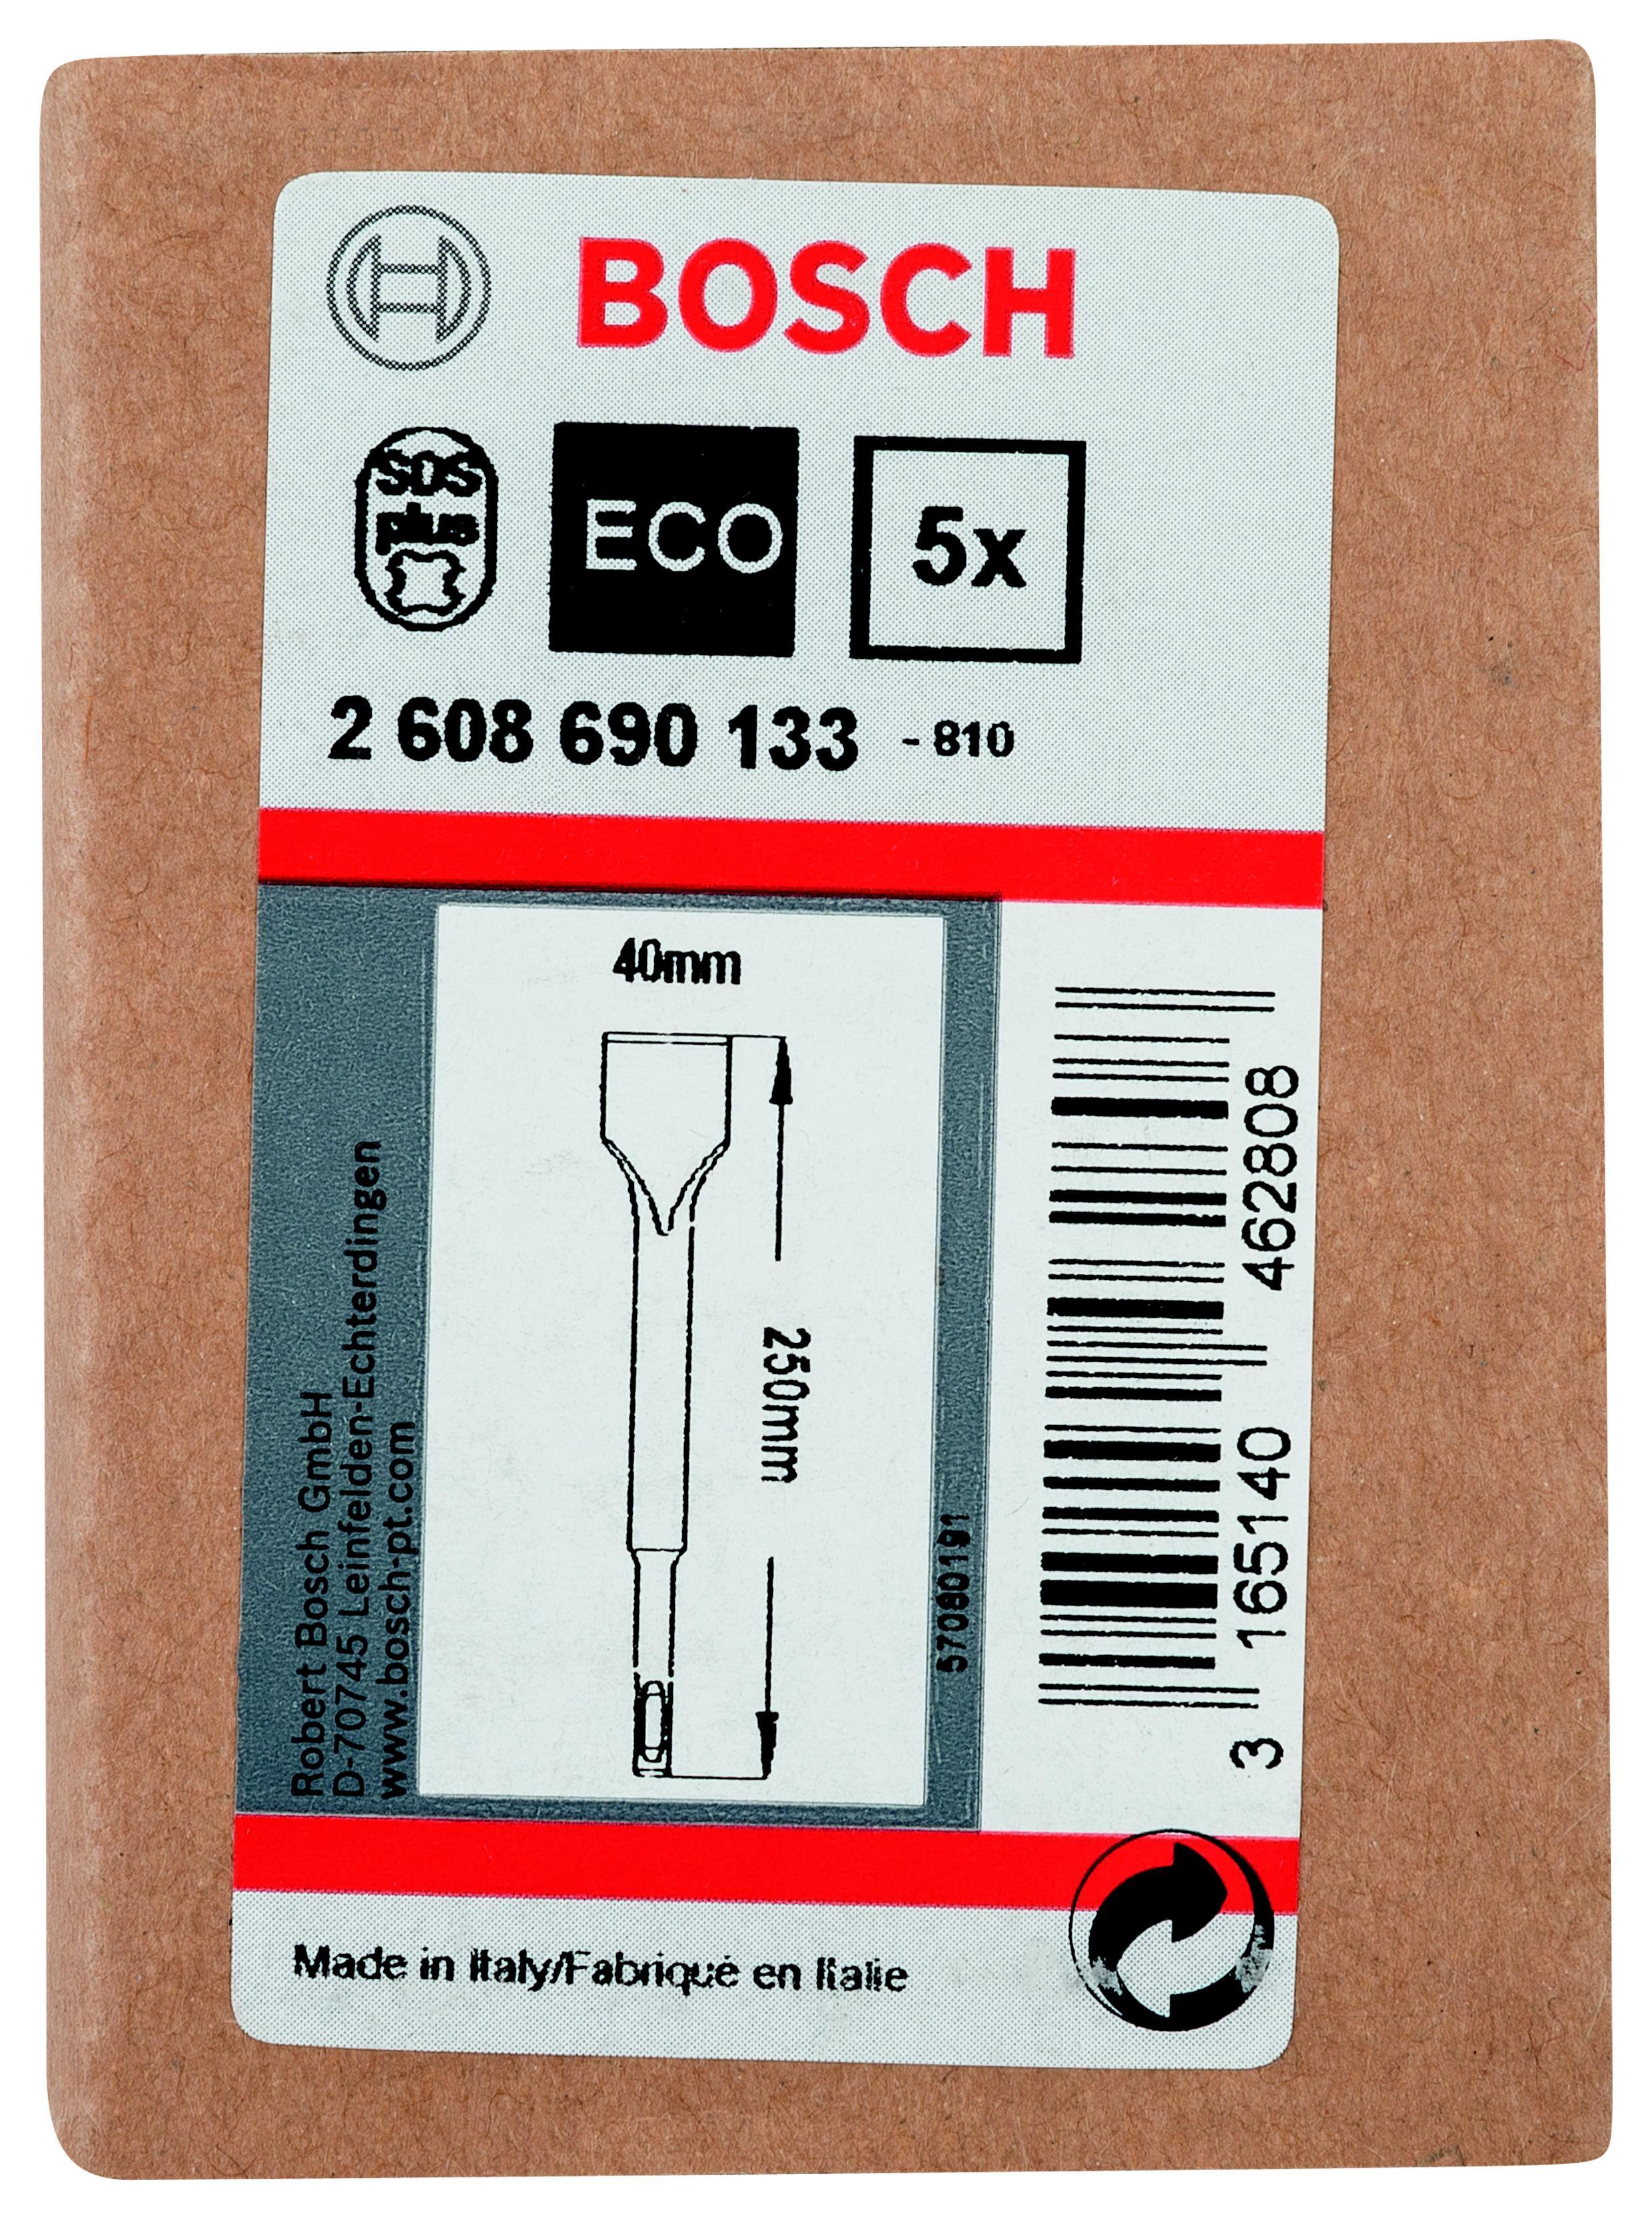 Зубило Bosch Sds+ 40x250 лопаточное, 1шт. (2.608.690.ать) зубило messer 10 03 250 широкое для перфоратора sds plus 40x250 мм